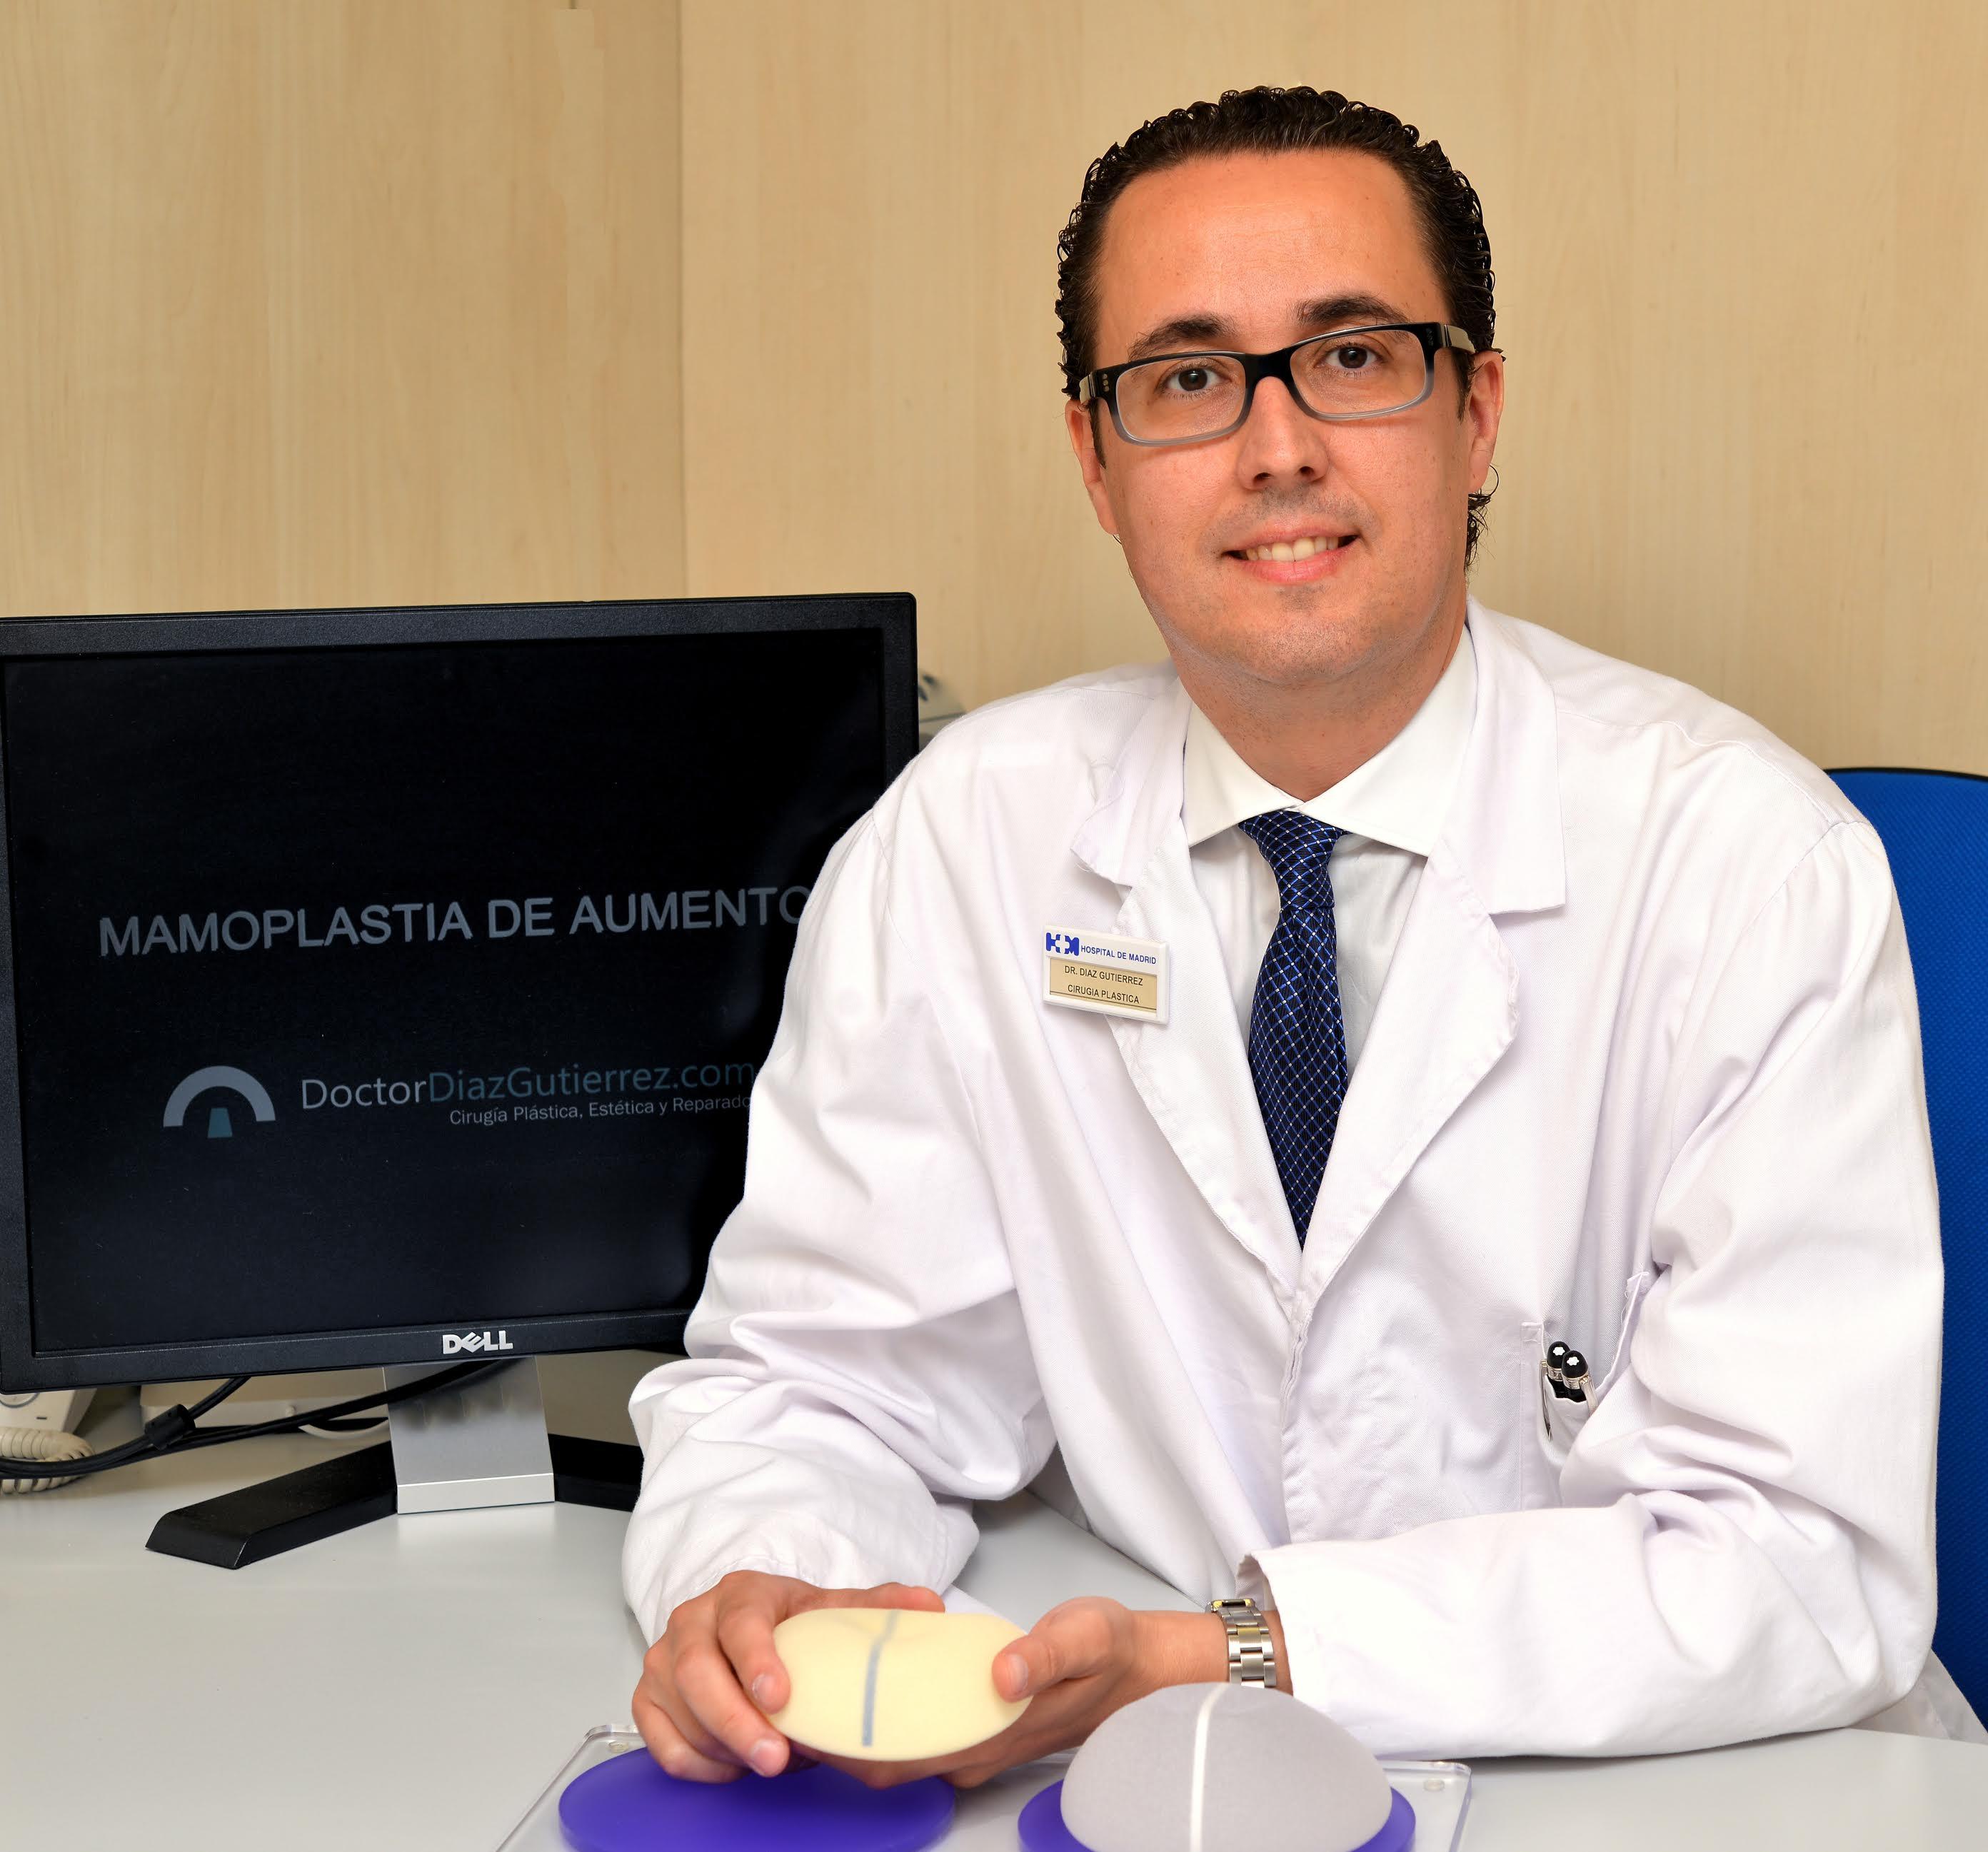 Los Mejores Cirujanos en Reducción de pechos en Madrid LosMejoresDeMadrid ® 19